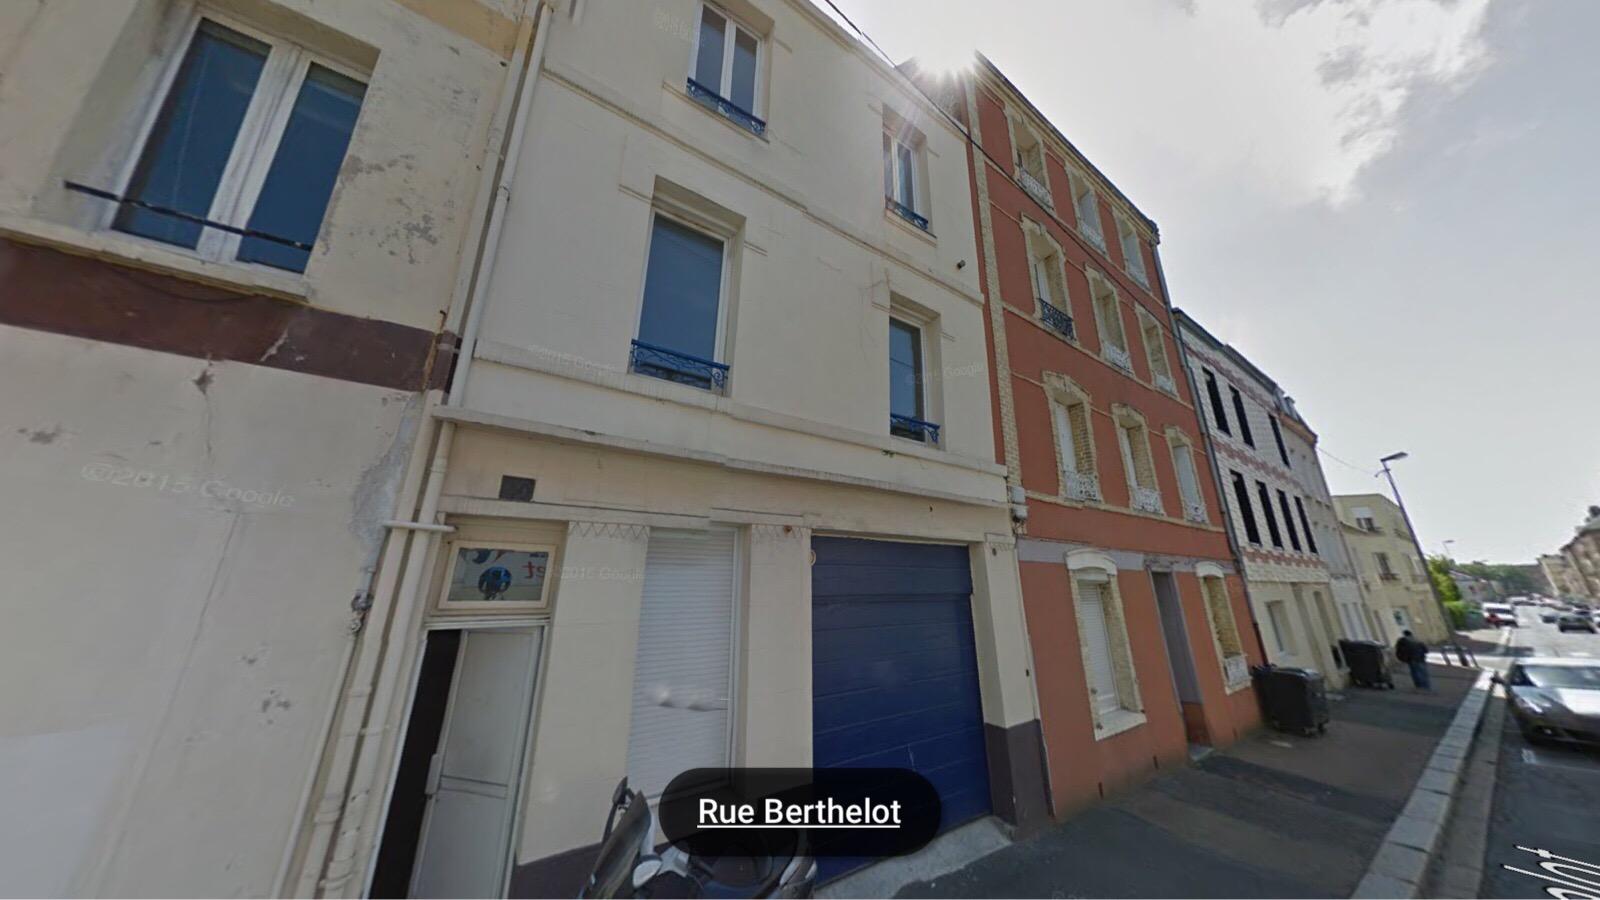 La mère de famille habite au 2ème étage de ce petit immeuble au 40, rue Berthelot (illustration)